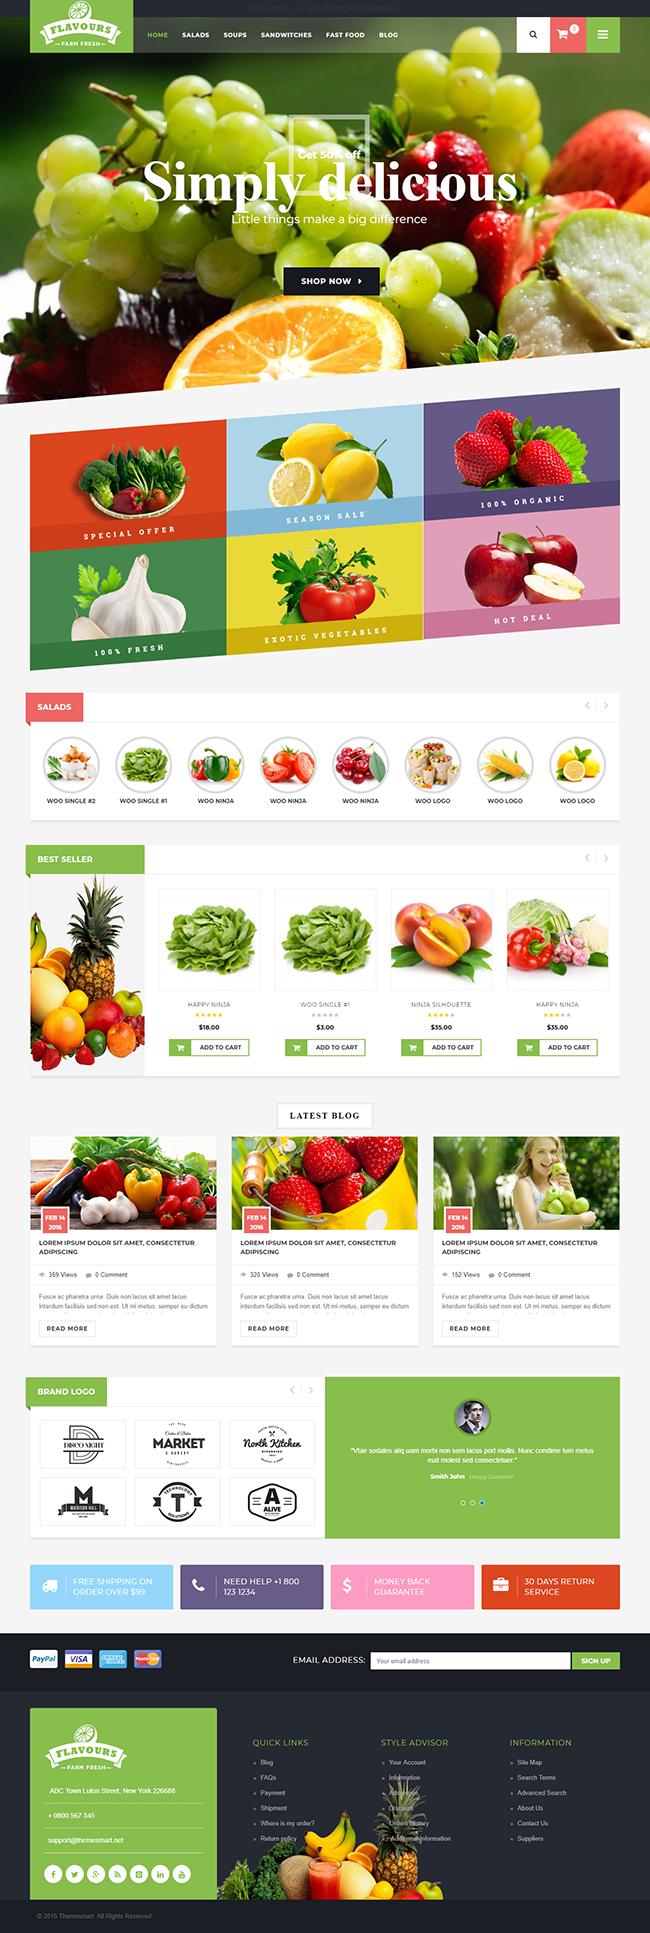 Mẫu web bán hàng shop trái cây đẹp chuyên nghiệp